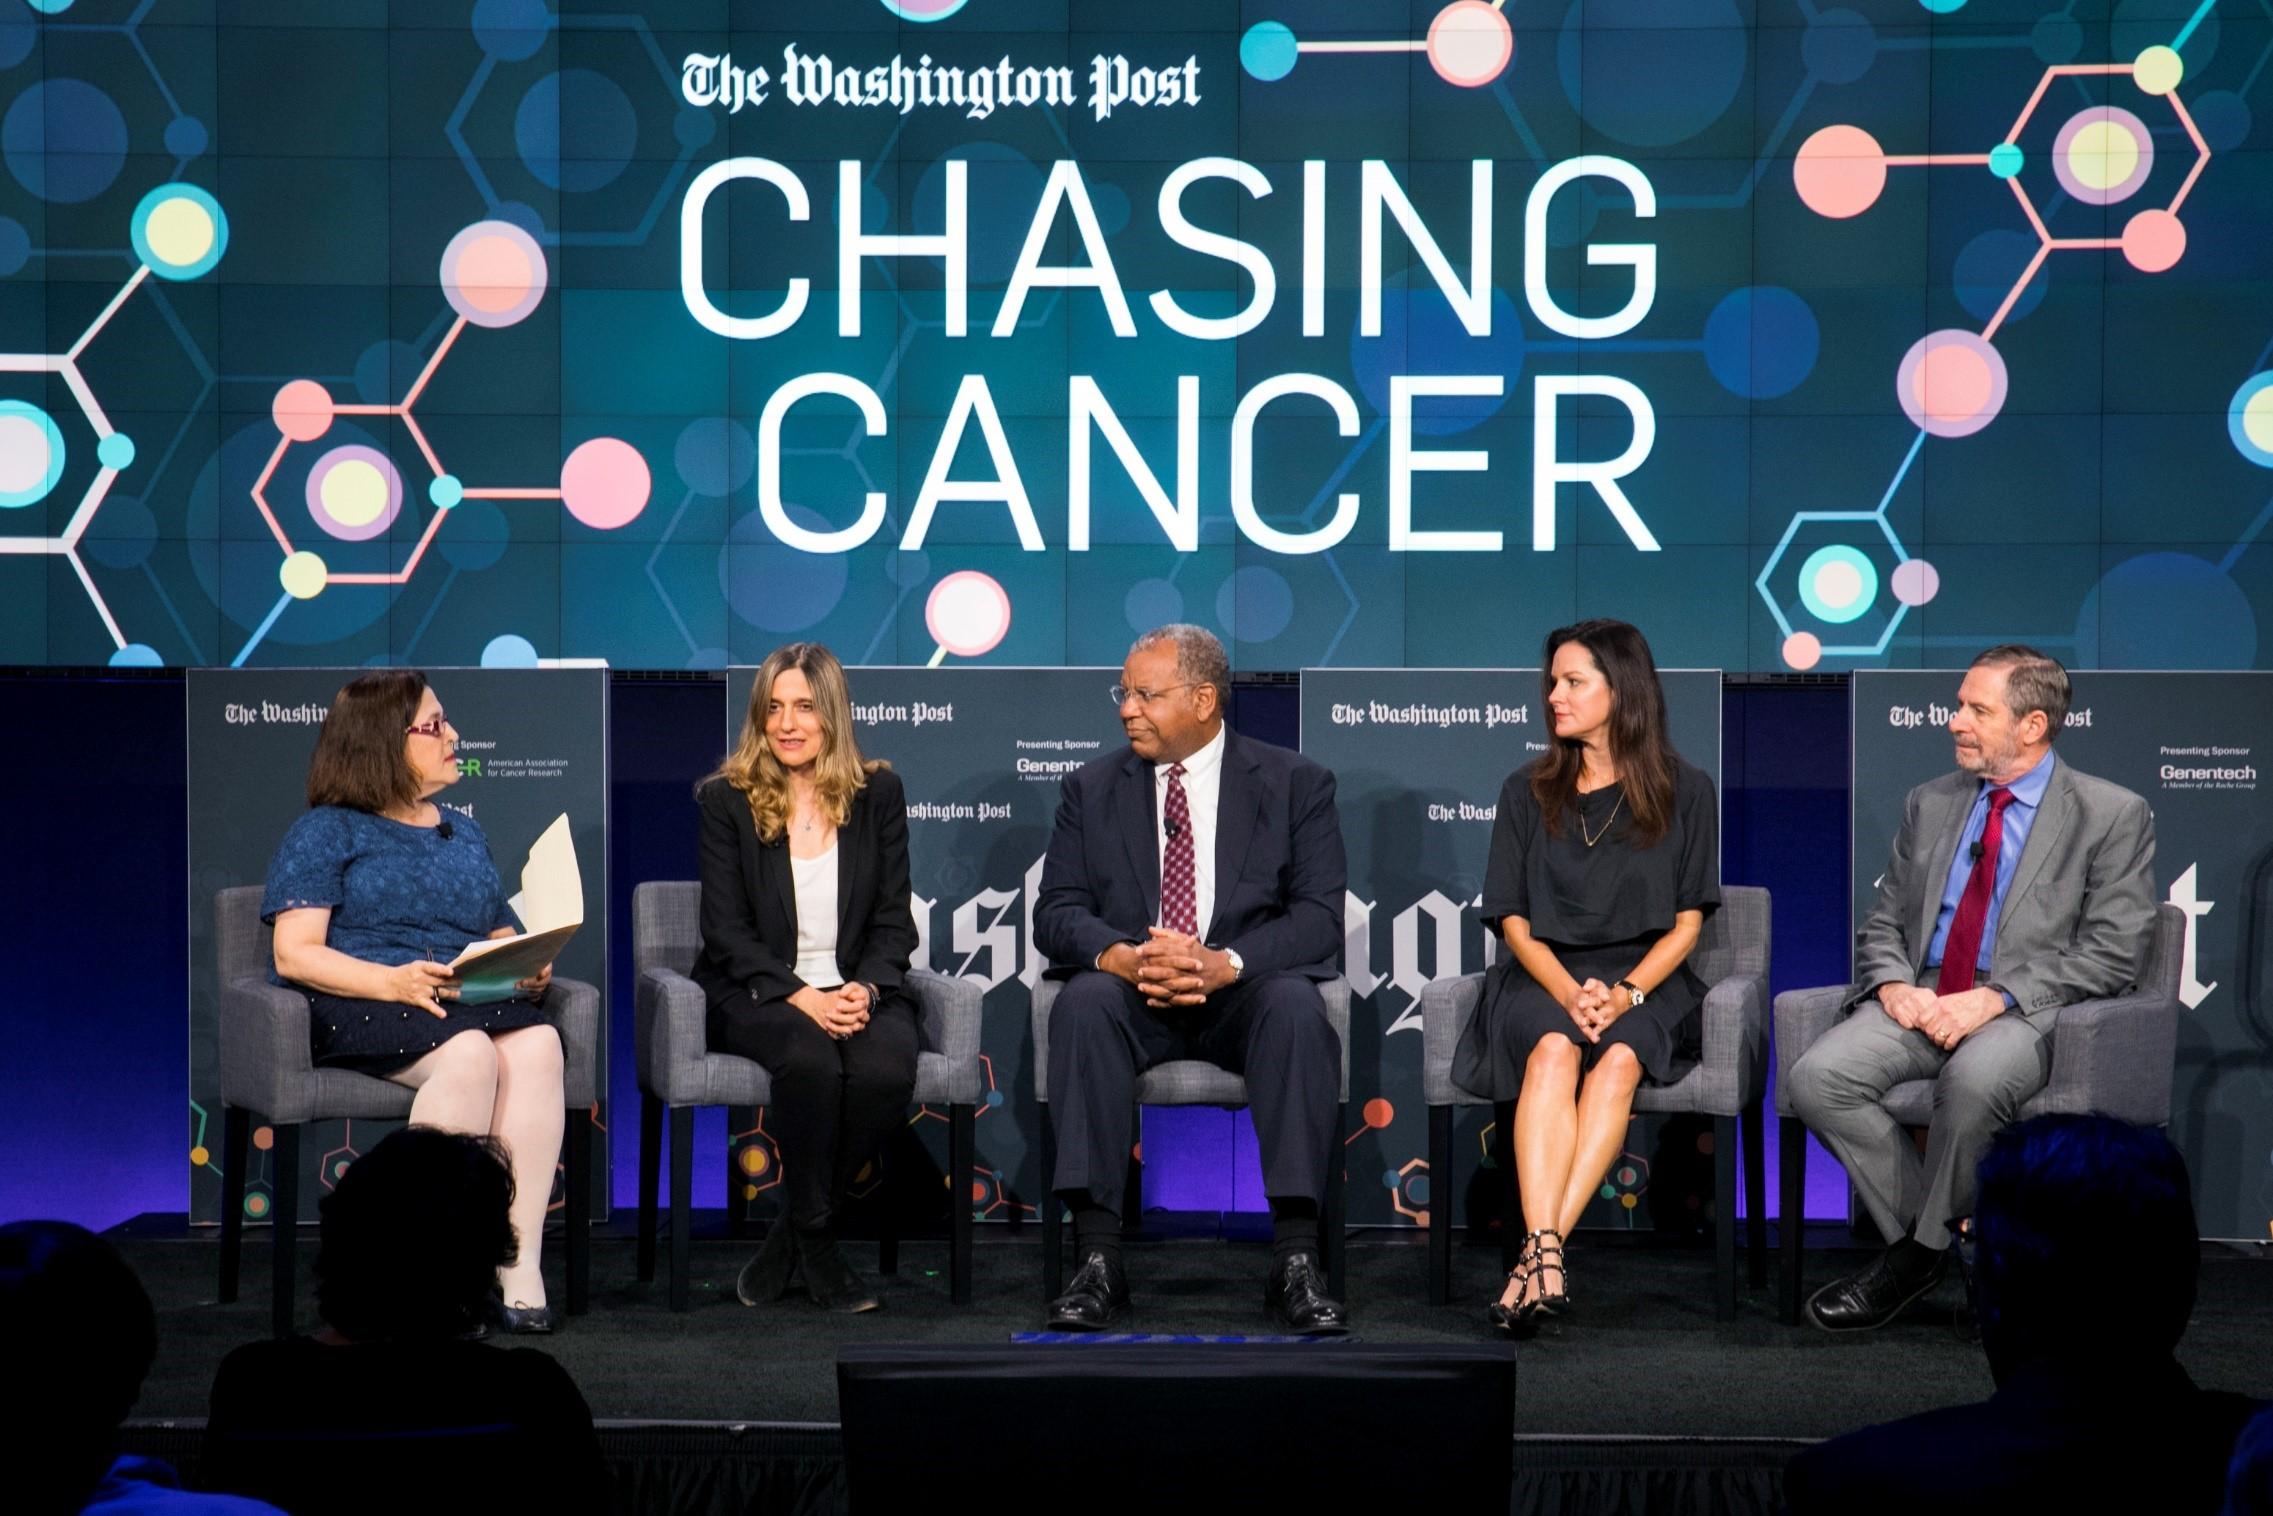 Yapay zeka ile öğrenme küresel sağlık hizmetinin çehresini değiştirmeye koyuldu